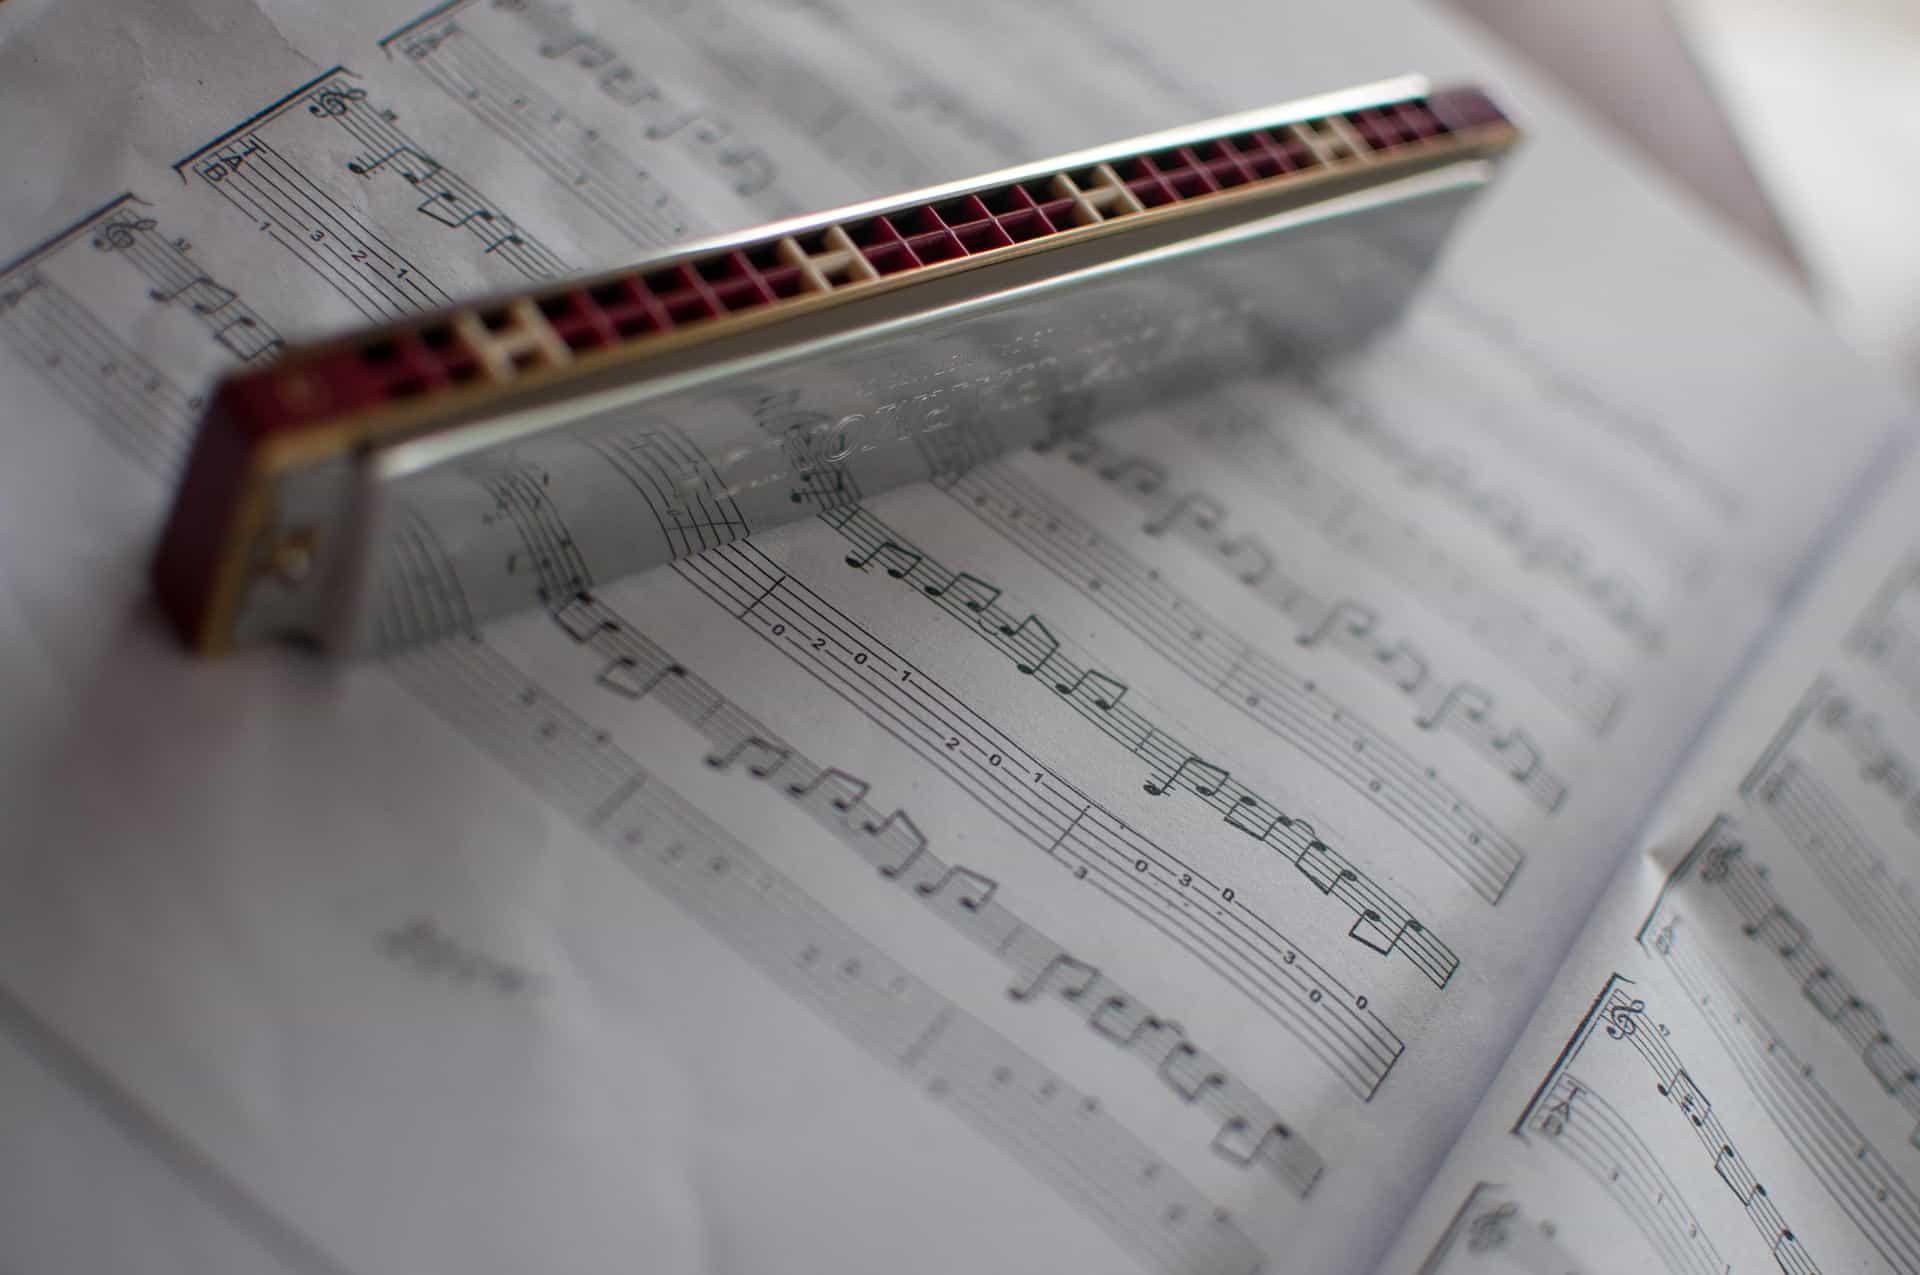 Gaita de boca em cima de um livro de partituras.